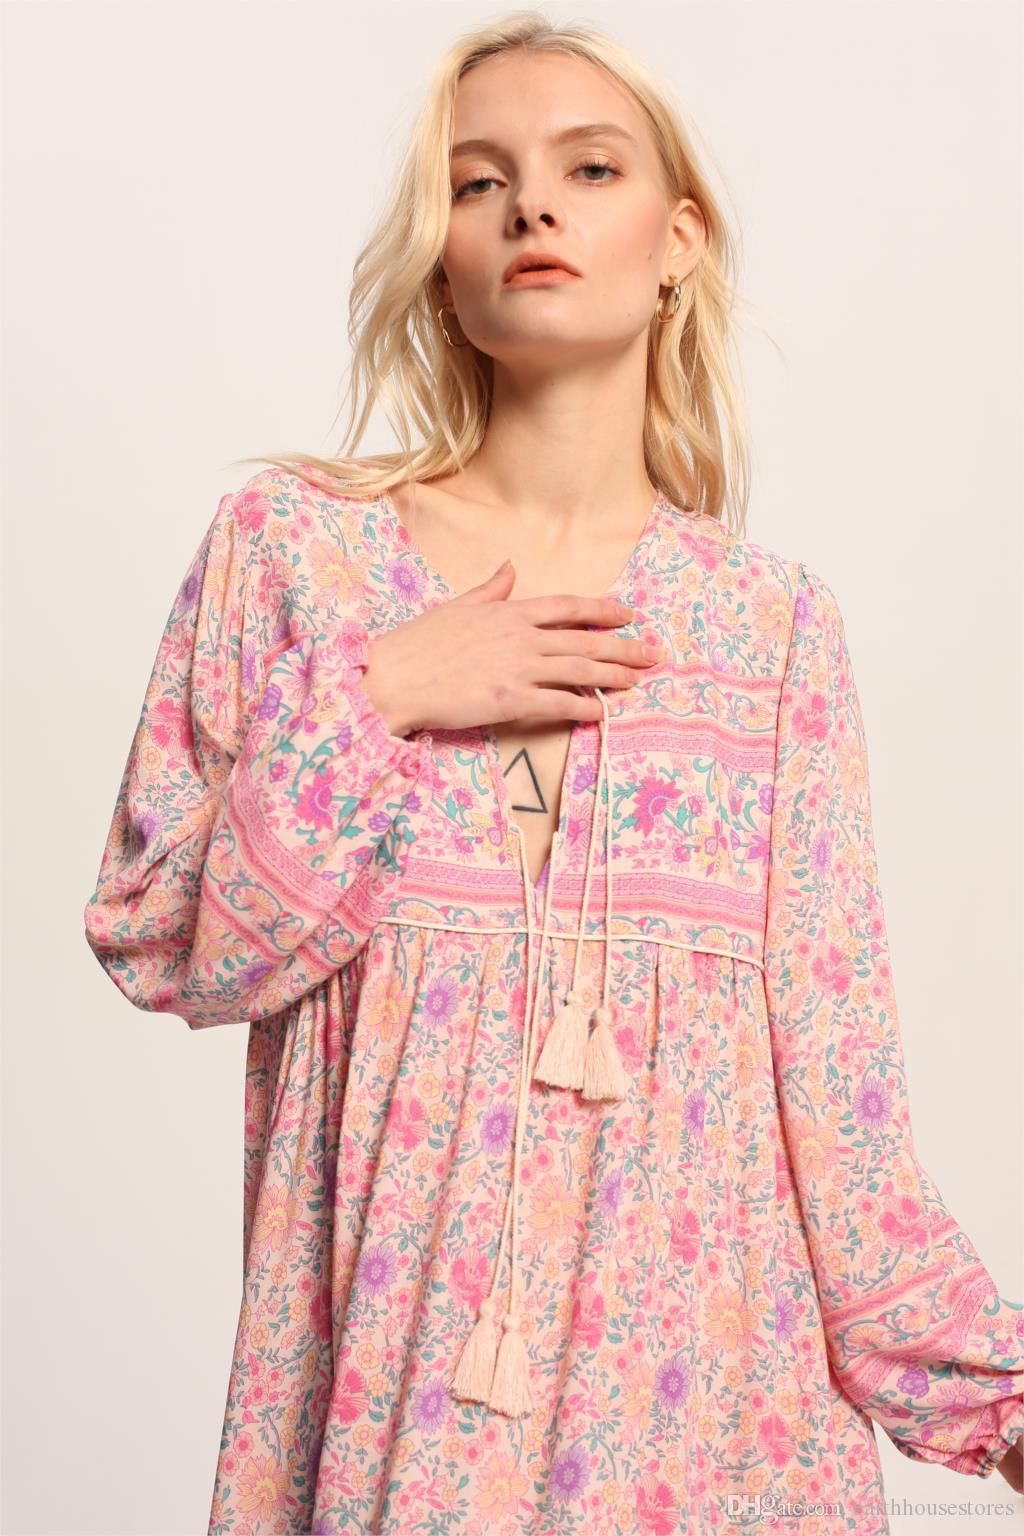 277bdcacd Compre Vestido Corto Bohemio De Algodón Vestidos Con Estampado Floral  Elegante Hippie 2019 Manga De La Linterna De Primavera Vestido De Las  Mujeres Vestidos ...